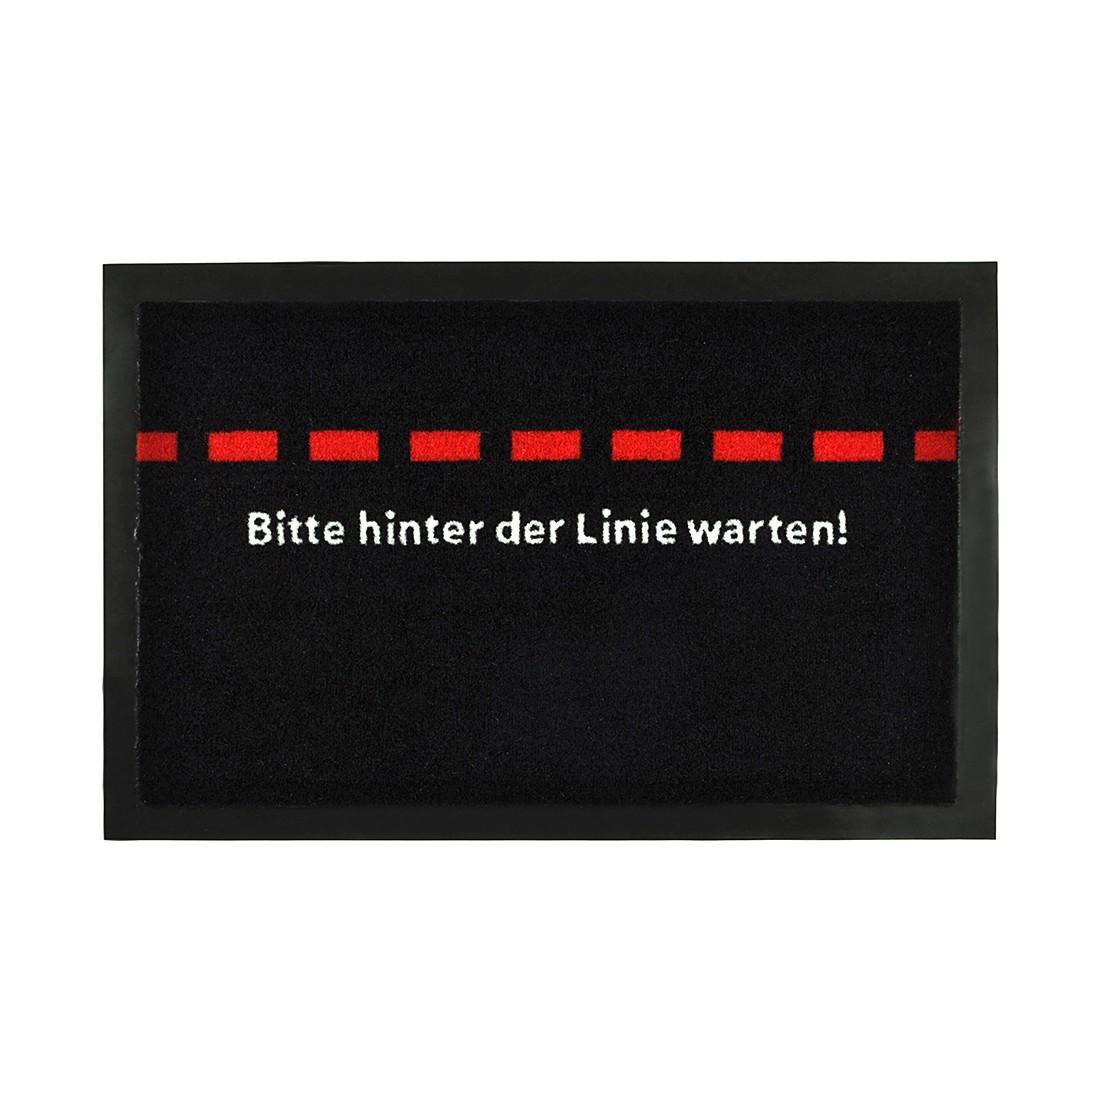 Fußmatte Printy Grenze, Hanse Home Collection günstig bestellen